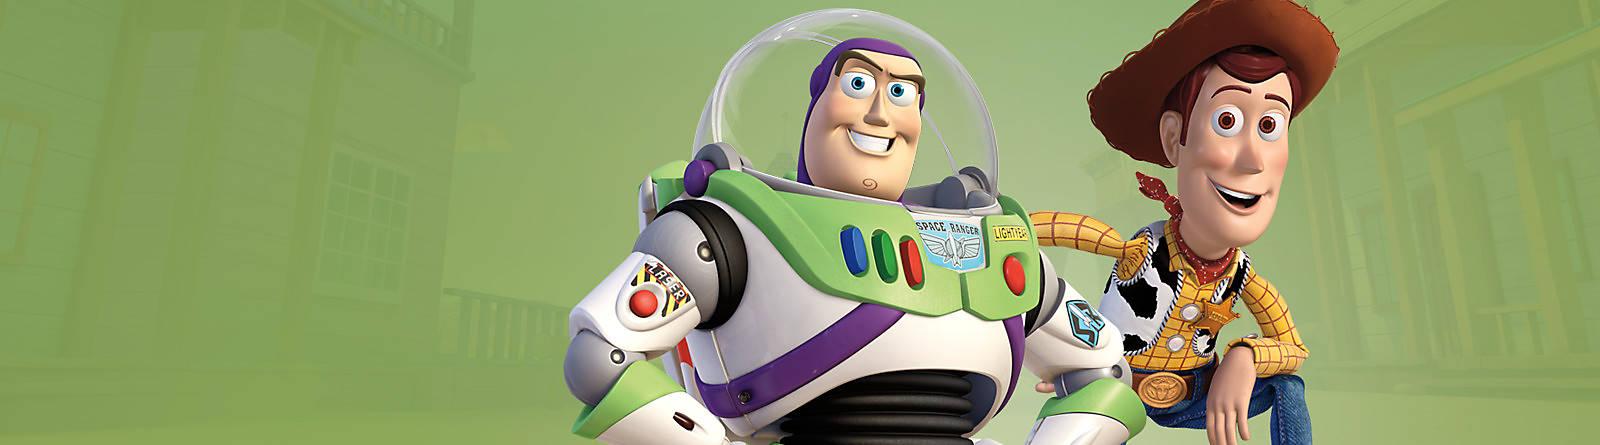 Toy Story Quand les jouets prennent vie, il se passe d'étonnantes histoires dans la chambre d'Andy ! Découvrez les héros et produits Toy Story.